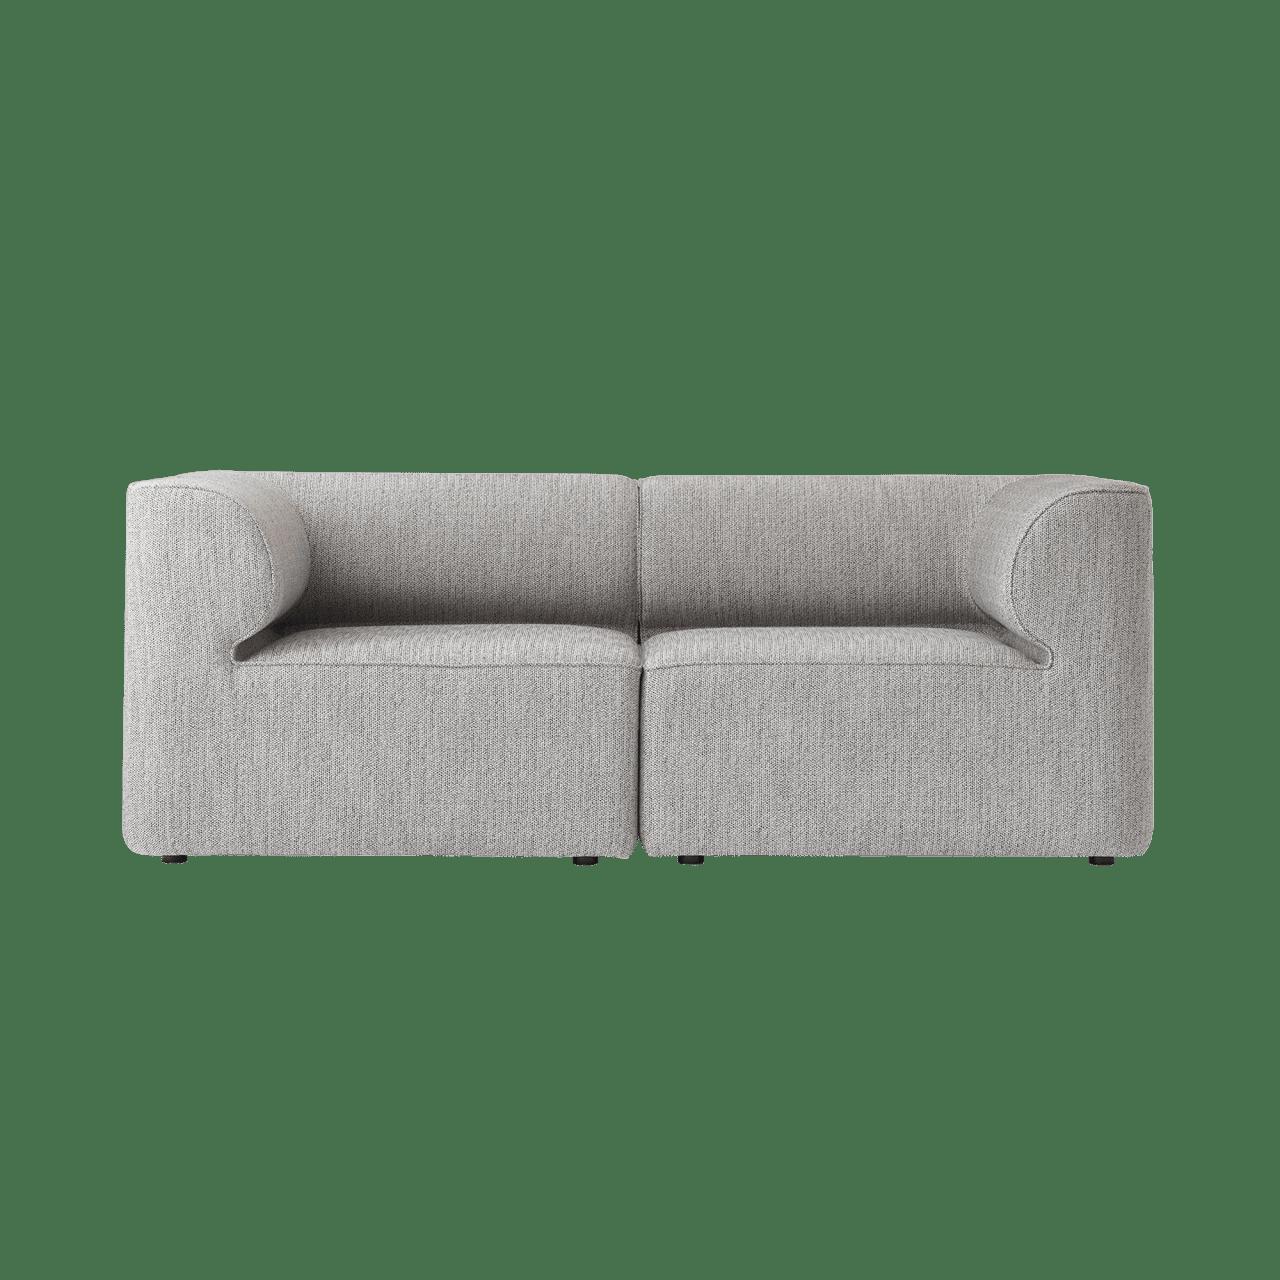 Eave Zweisitzer Sofa